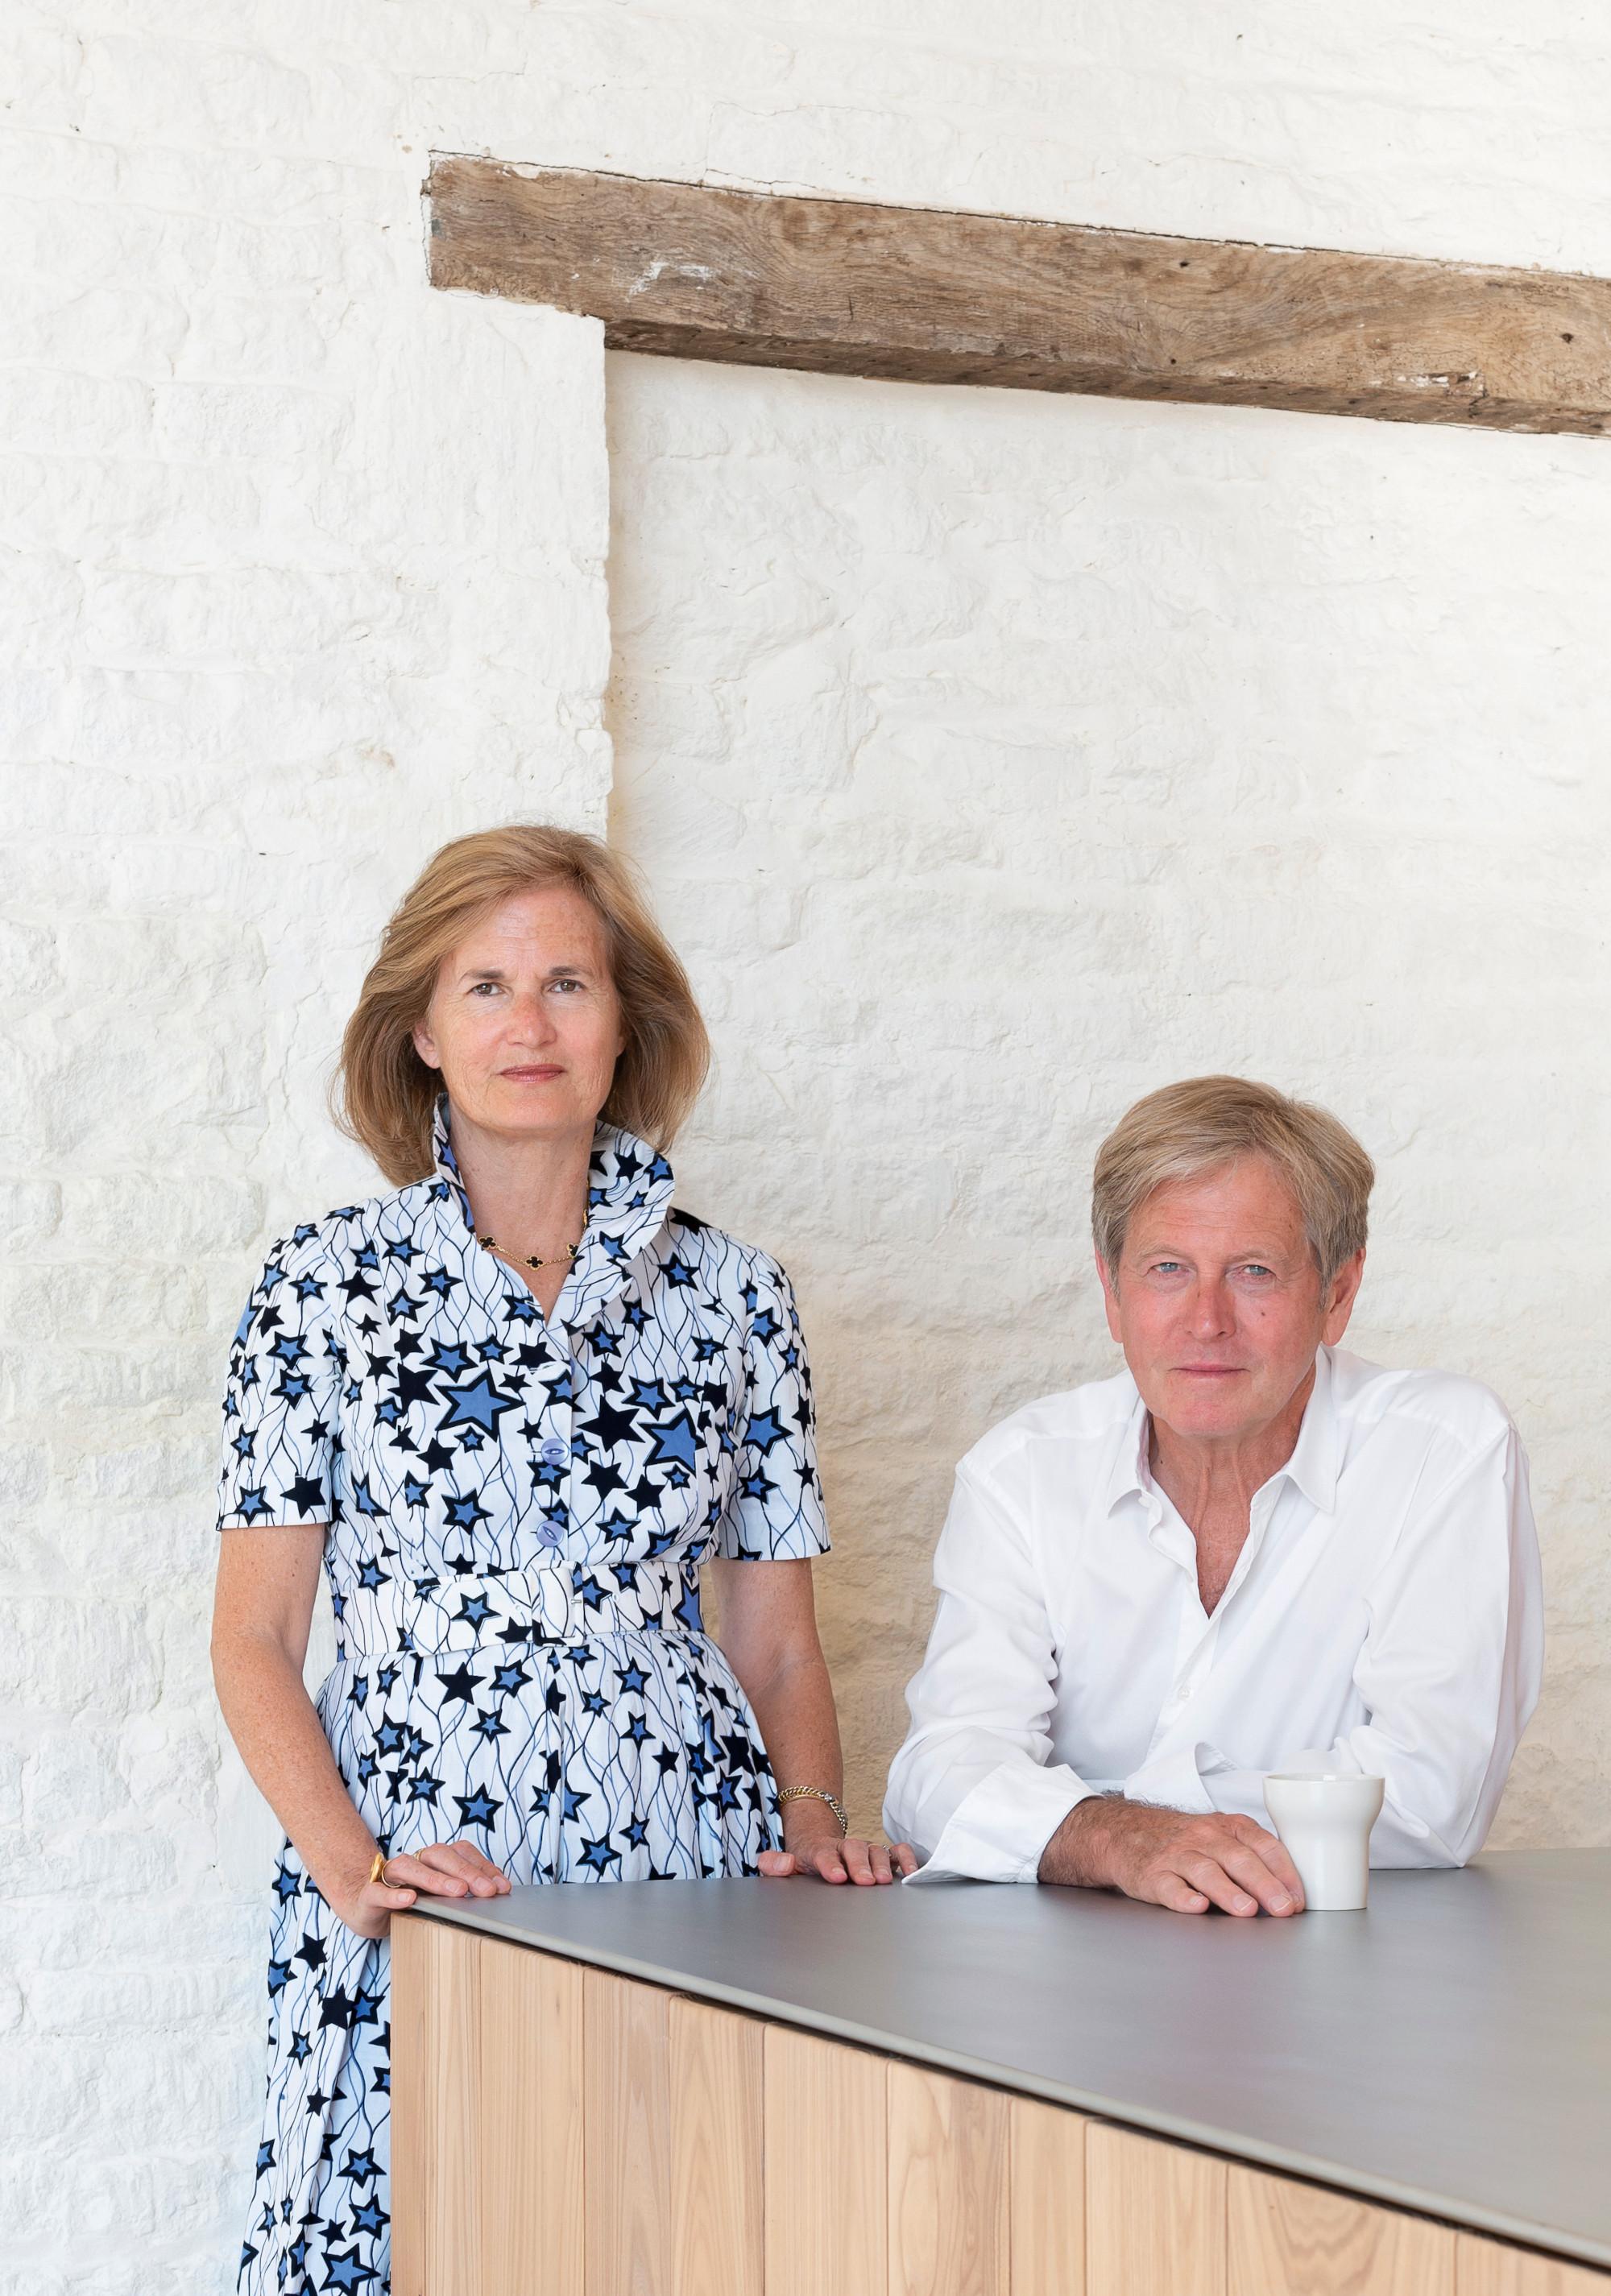 novo livro receitas; John Pawson e sua esposa